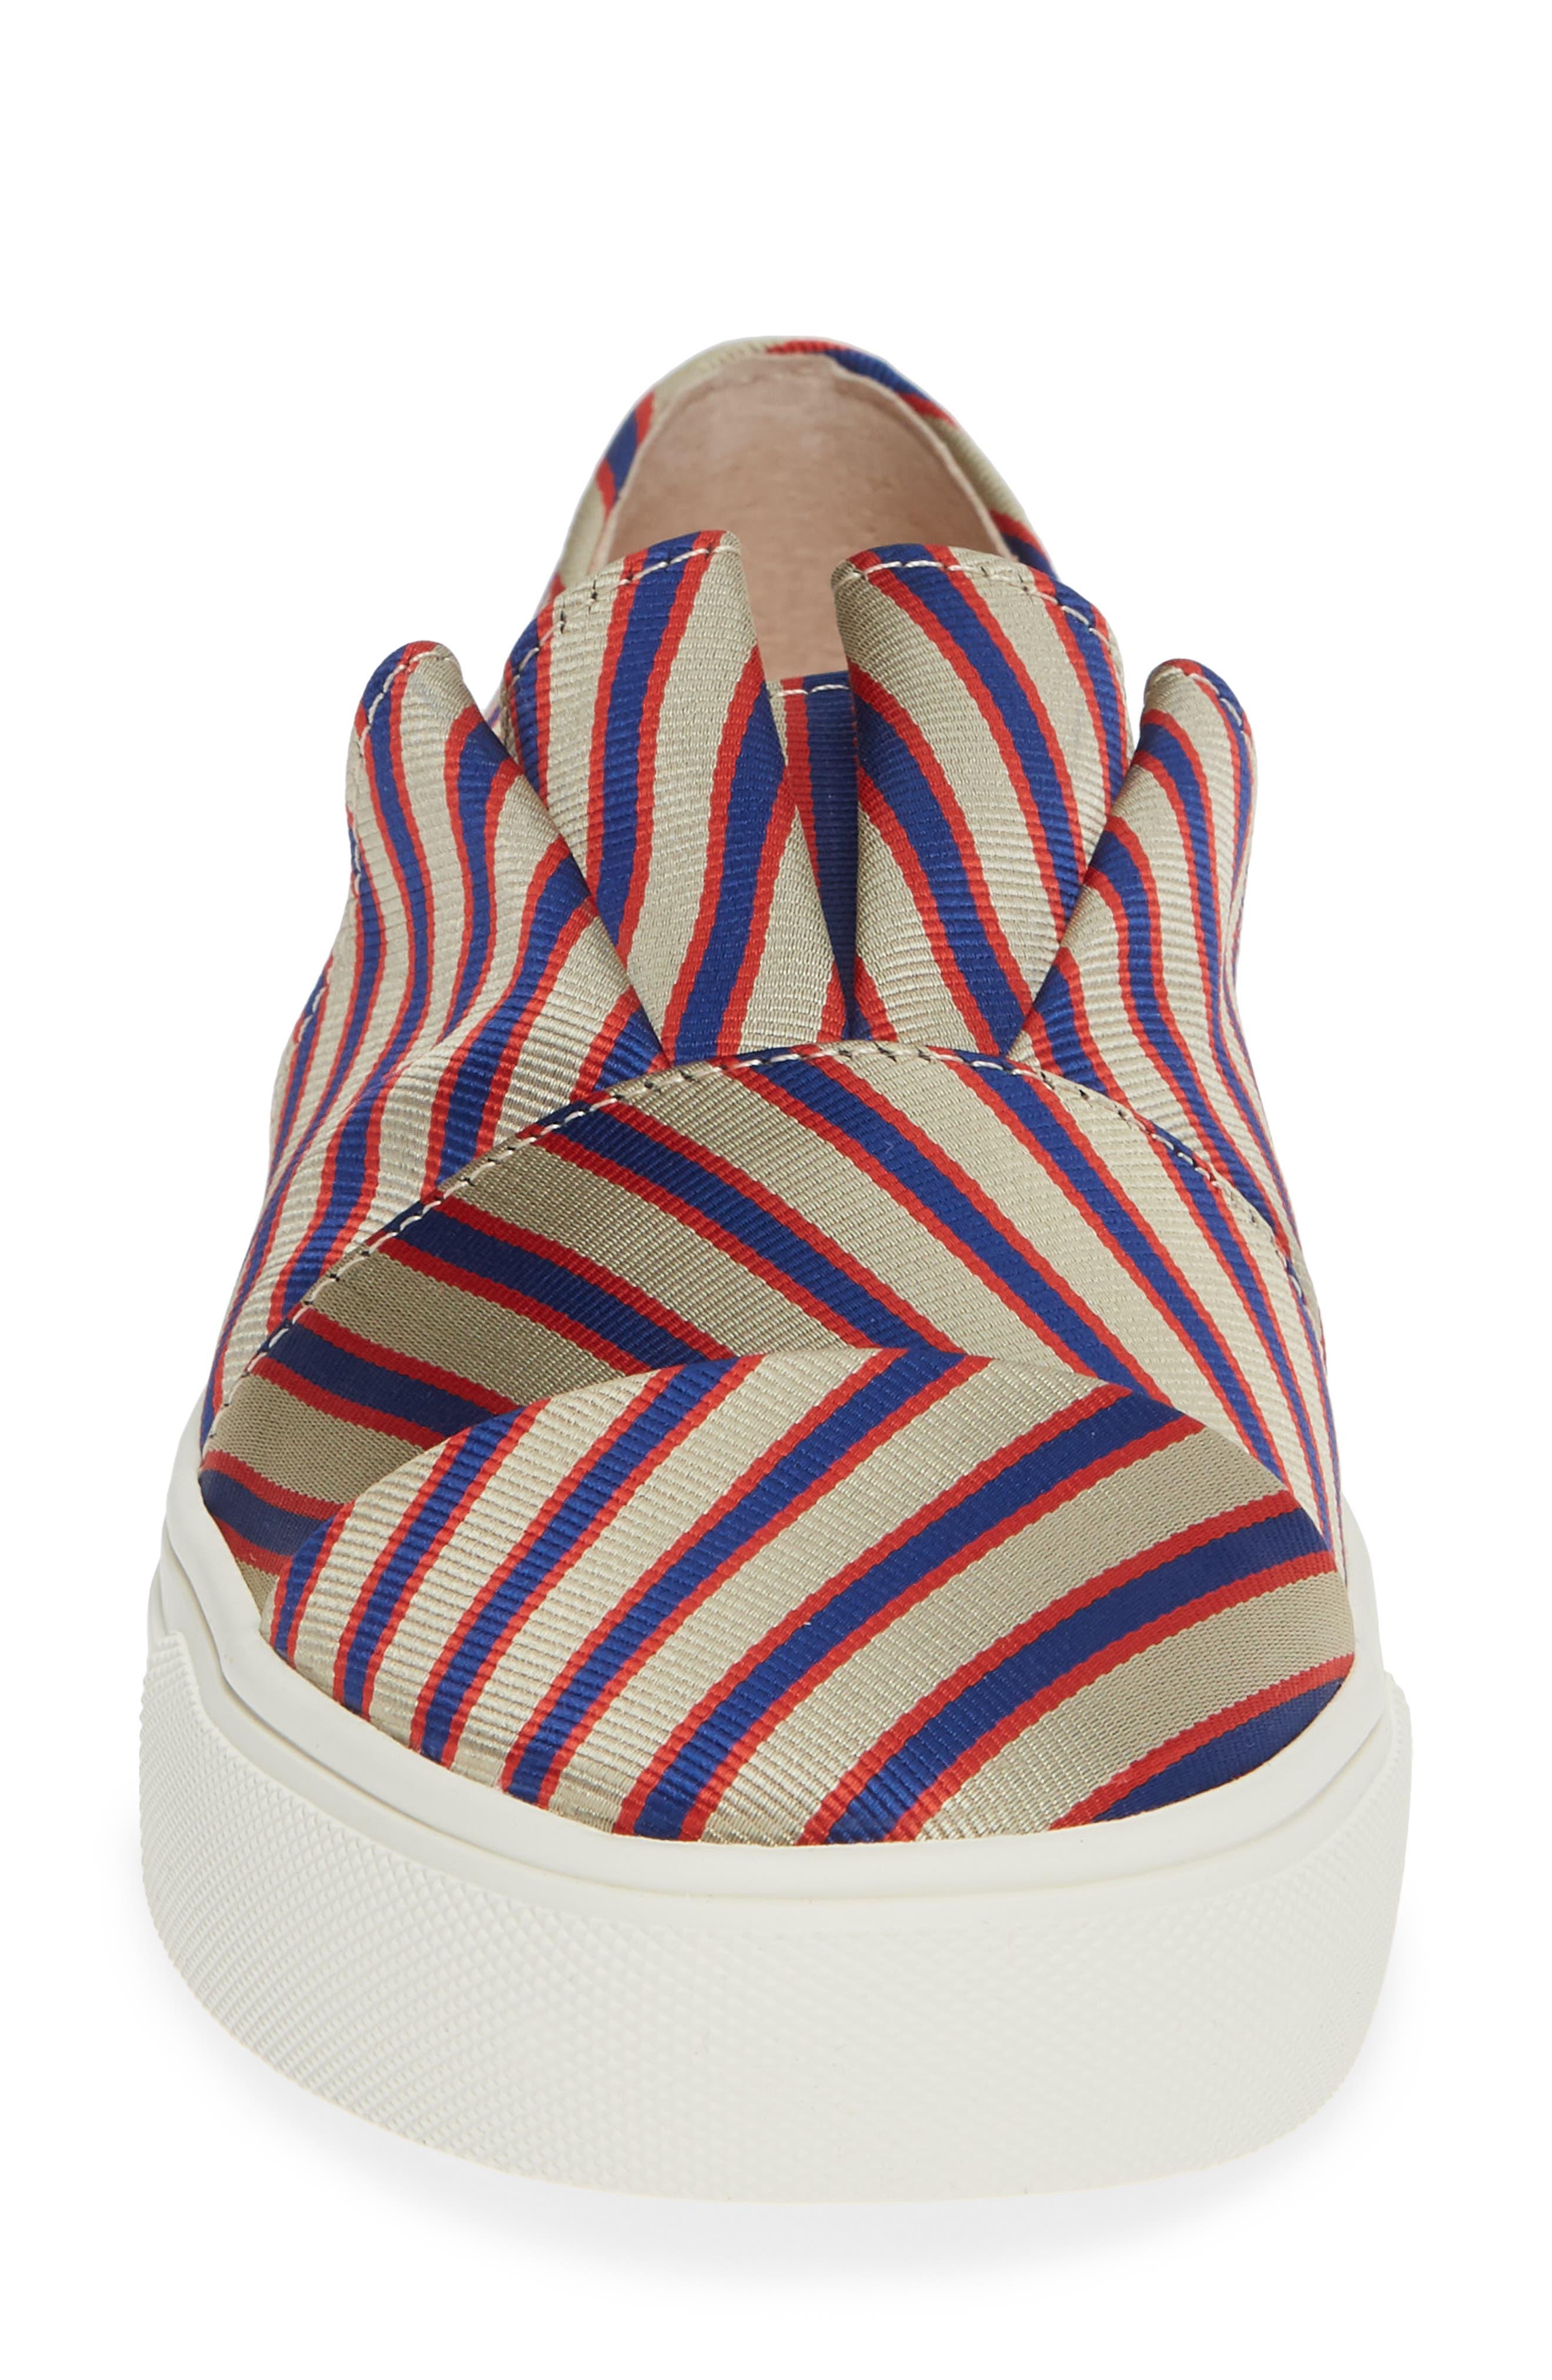 Rooney Slip-On Sneaker,                             Alternate thumbnail 4, color,                             RED/ WHITE/ BLUE FABRIC